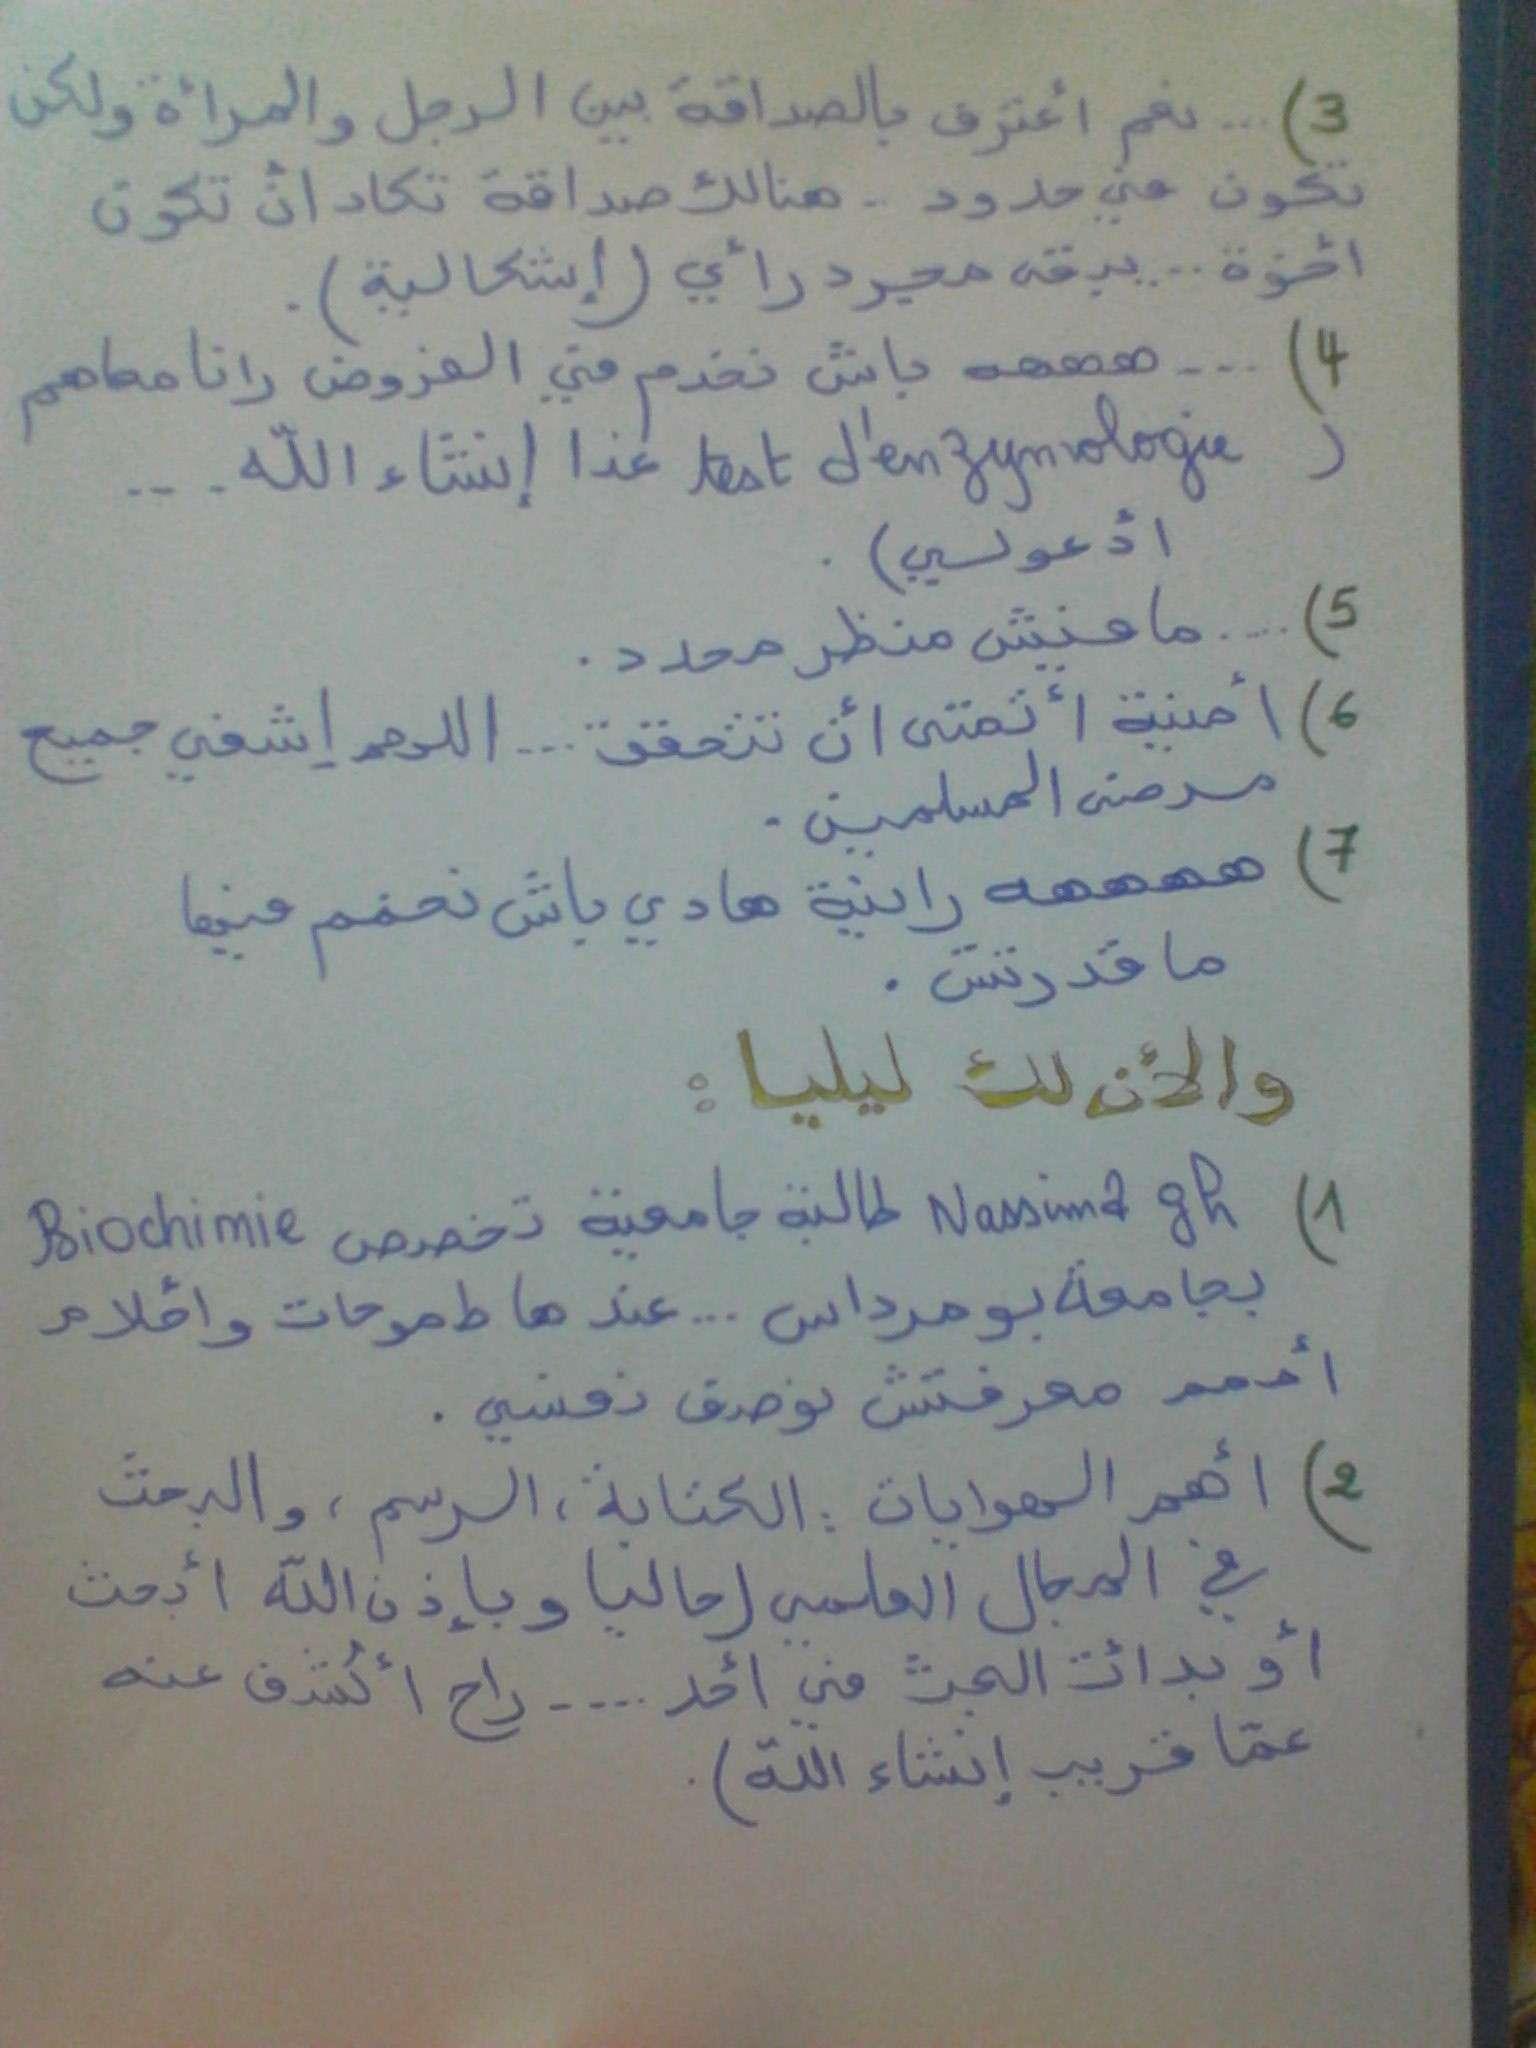 نجمة من نجمات المنتدى اليوم في كرسي الاعتراف 213